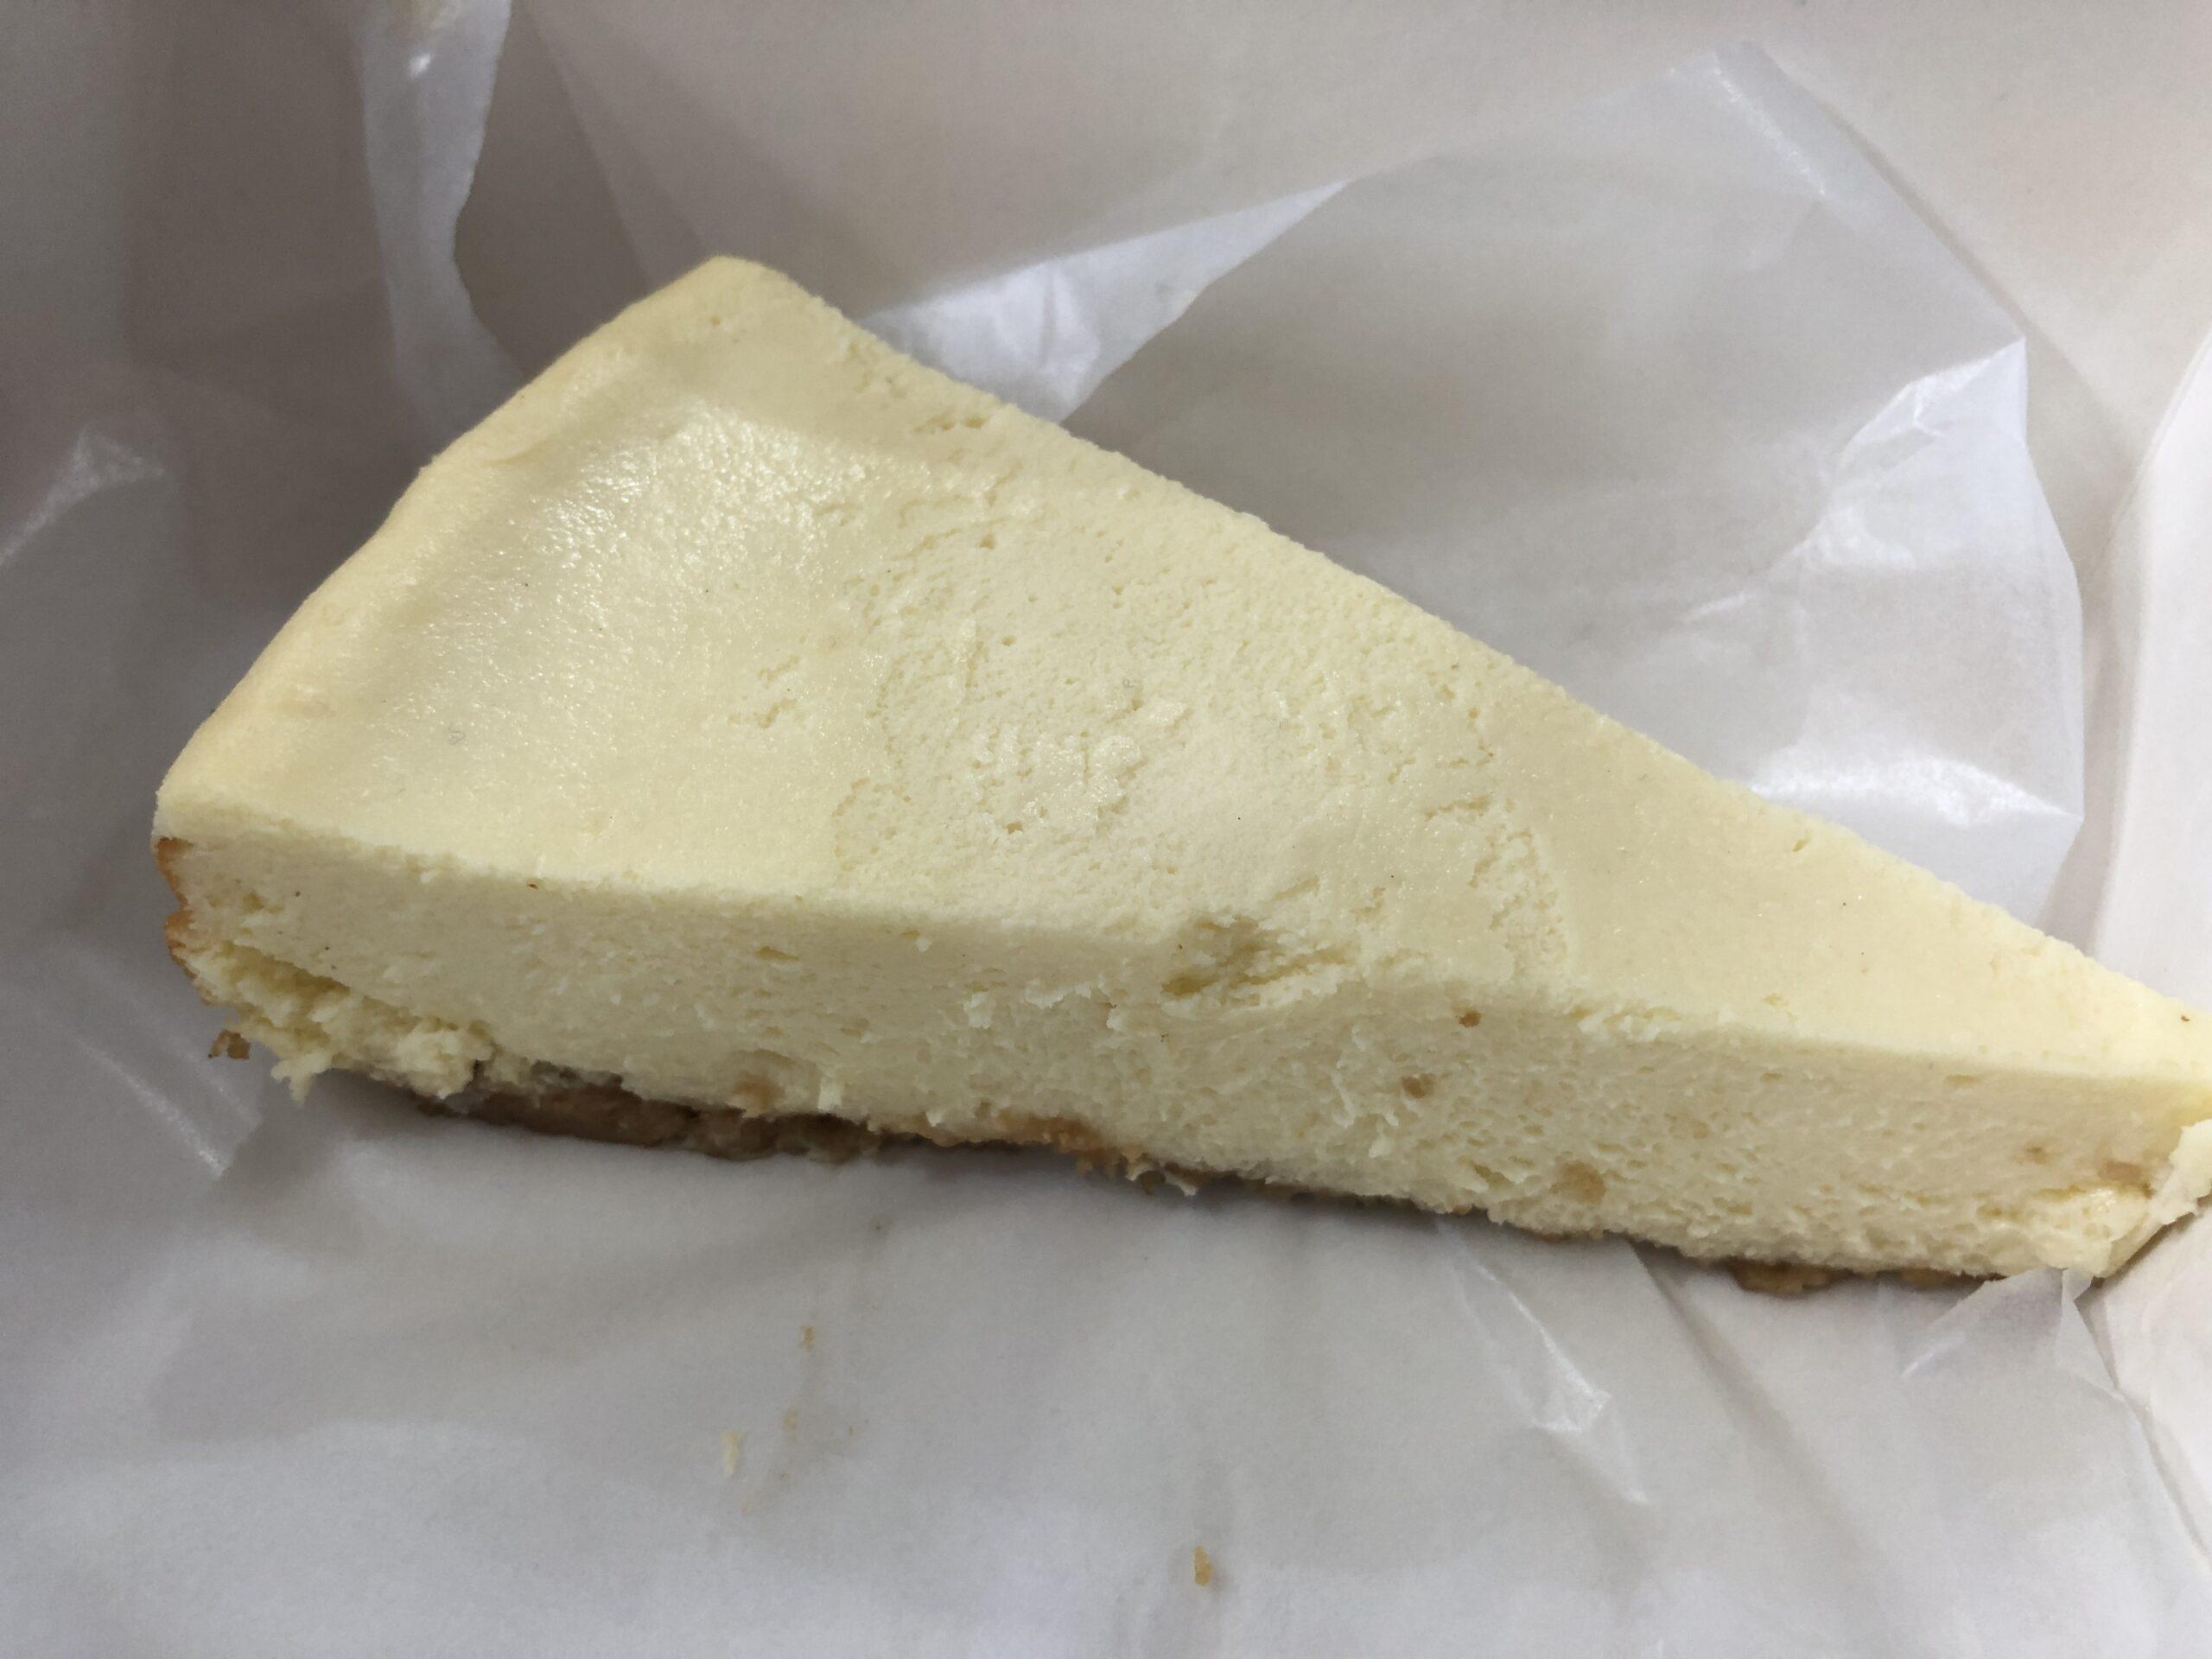 「バングラの絶品チーズケーキ!!」Butlers Chocolate Café@ダッカ市グルシャン